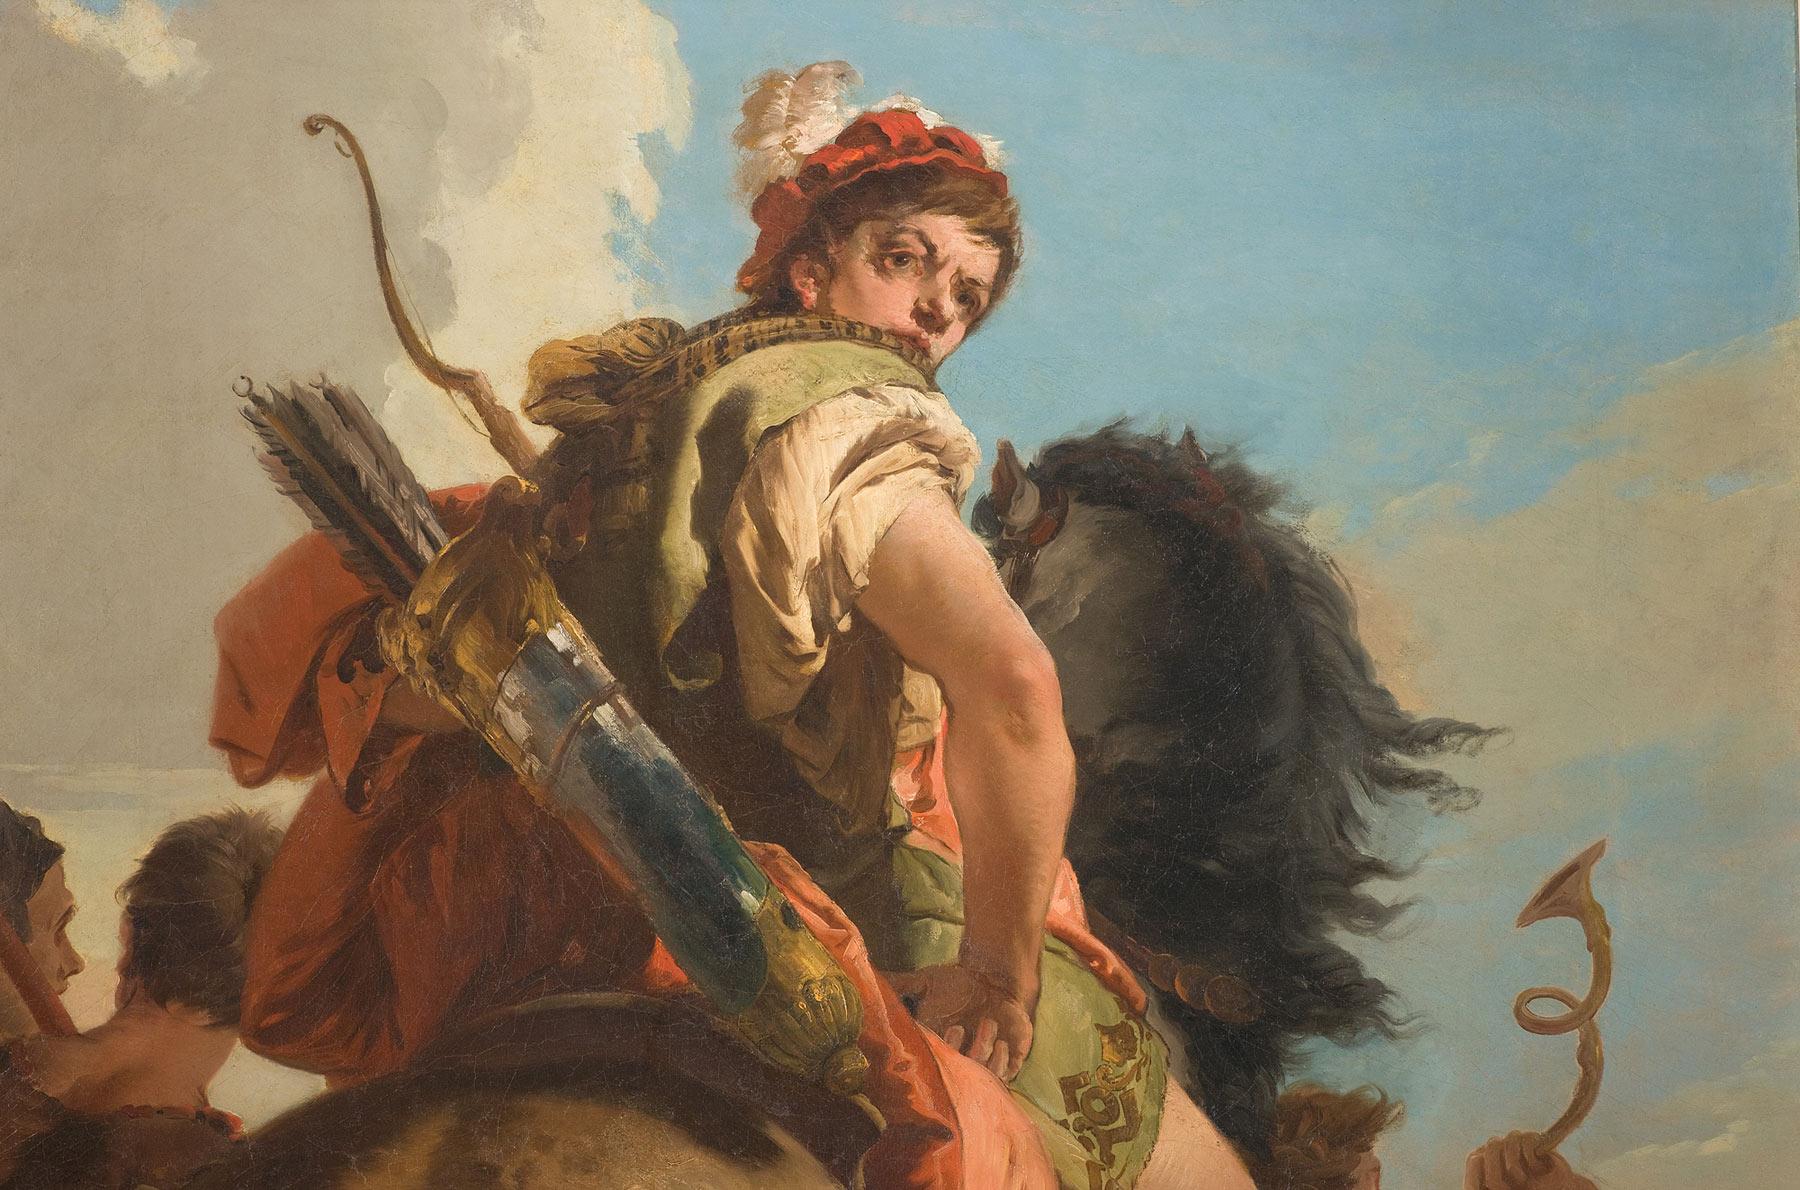 Nel 2020 a Milano è in arrivo una grande mostra su Giambattista Tiepolo